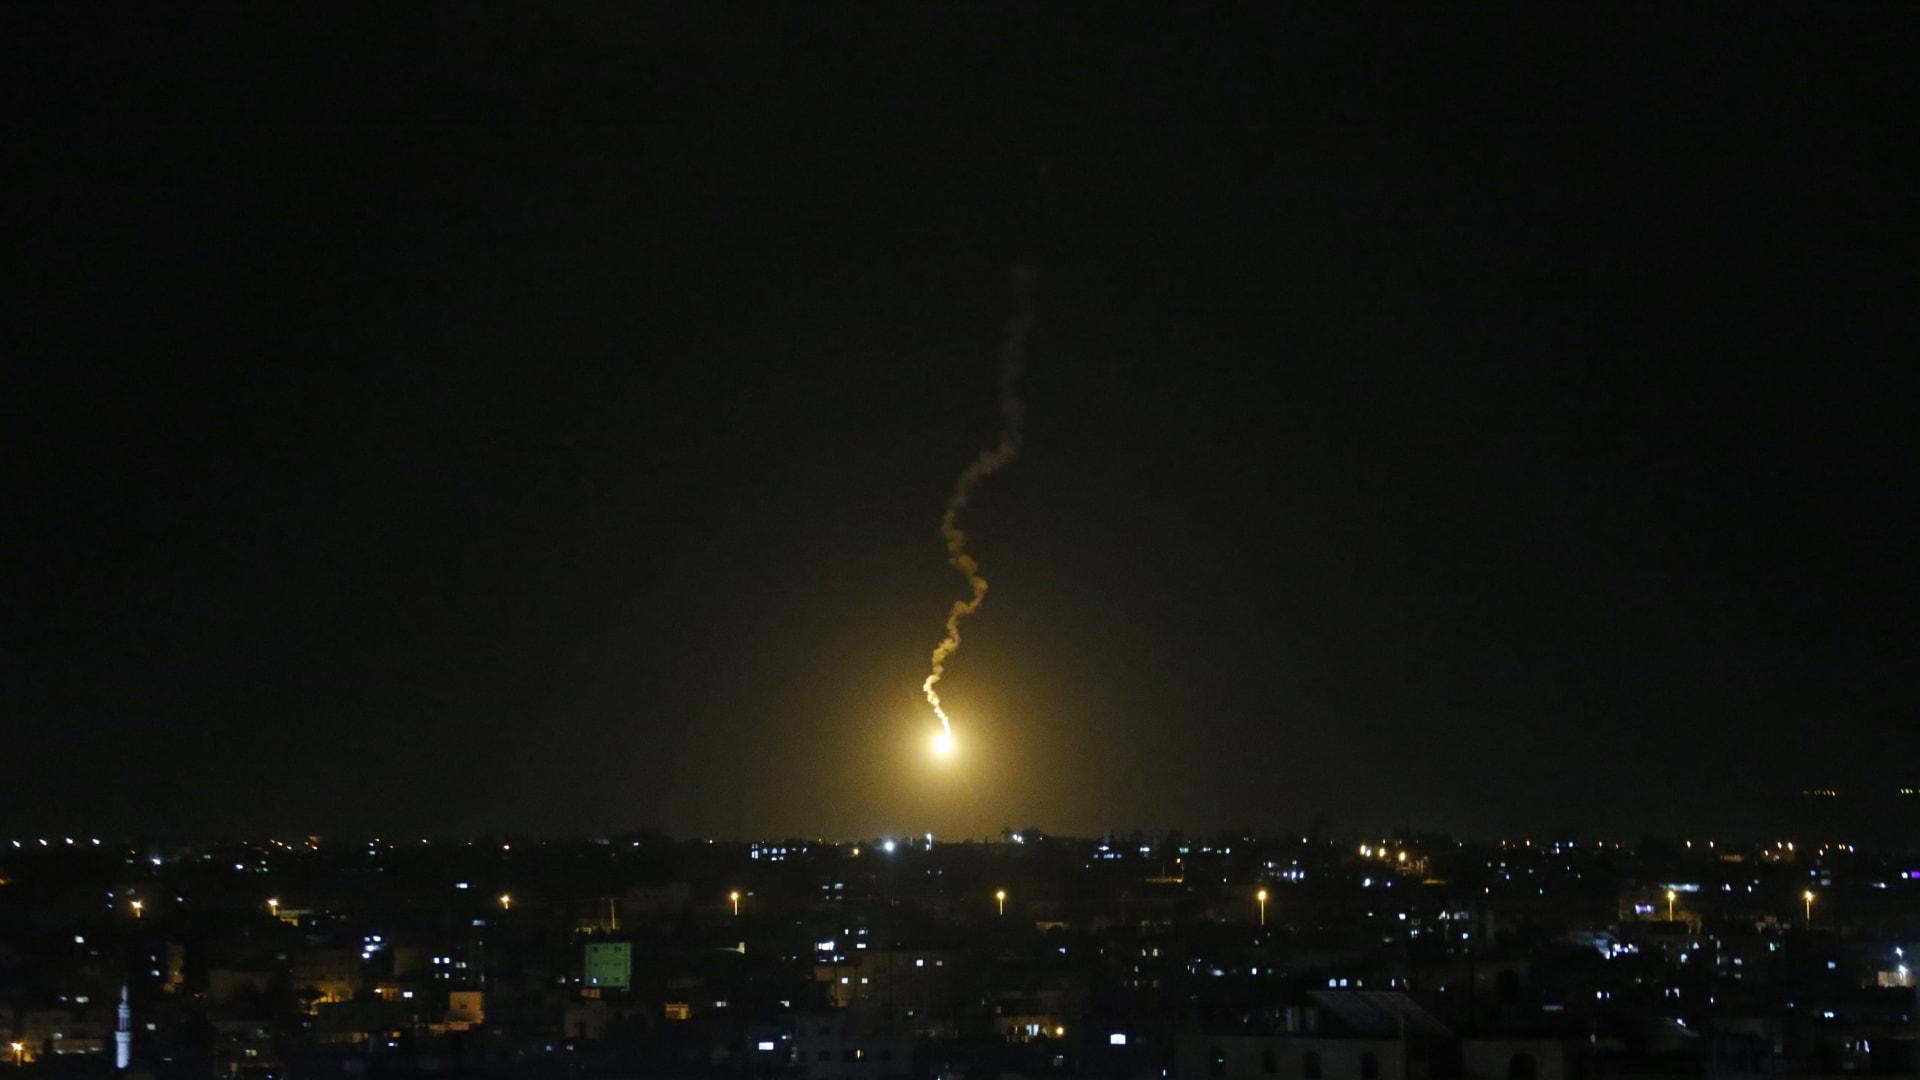 إسرائيل: إحباط هجوم بالعبوات الناسفة بالجولان.. وضربات جوية بعد إطلاق صاروخ من غزة